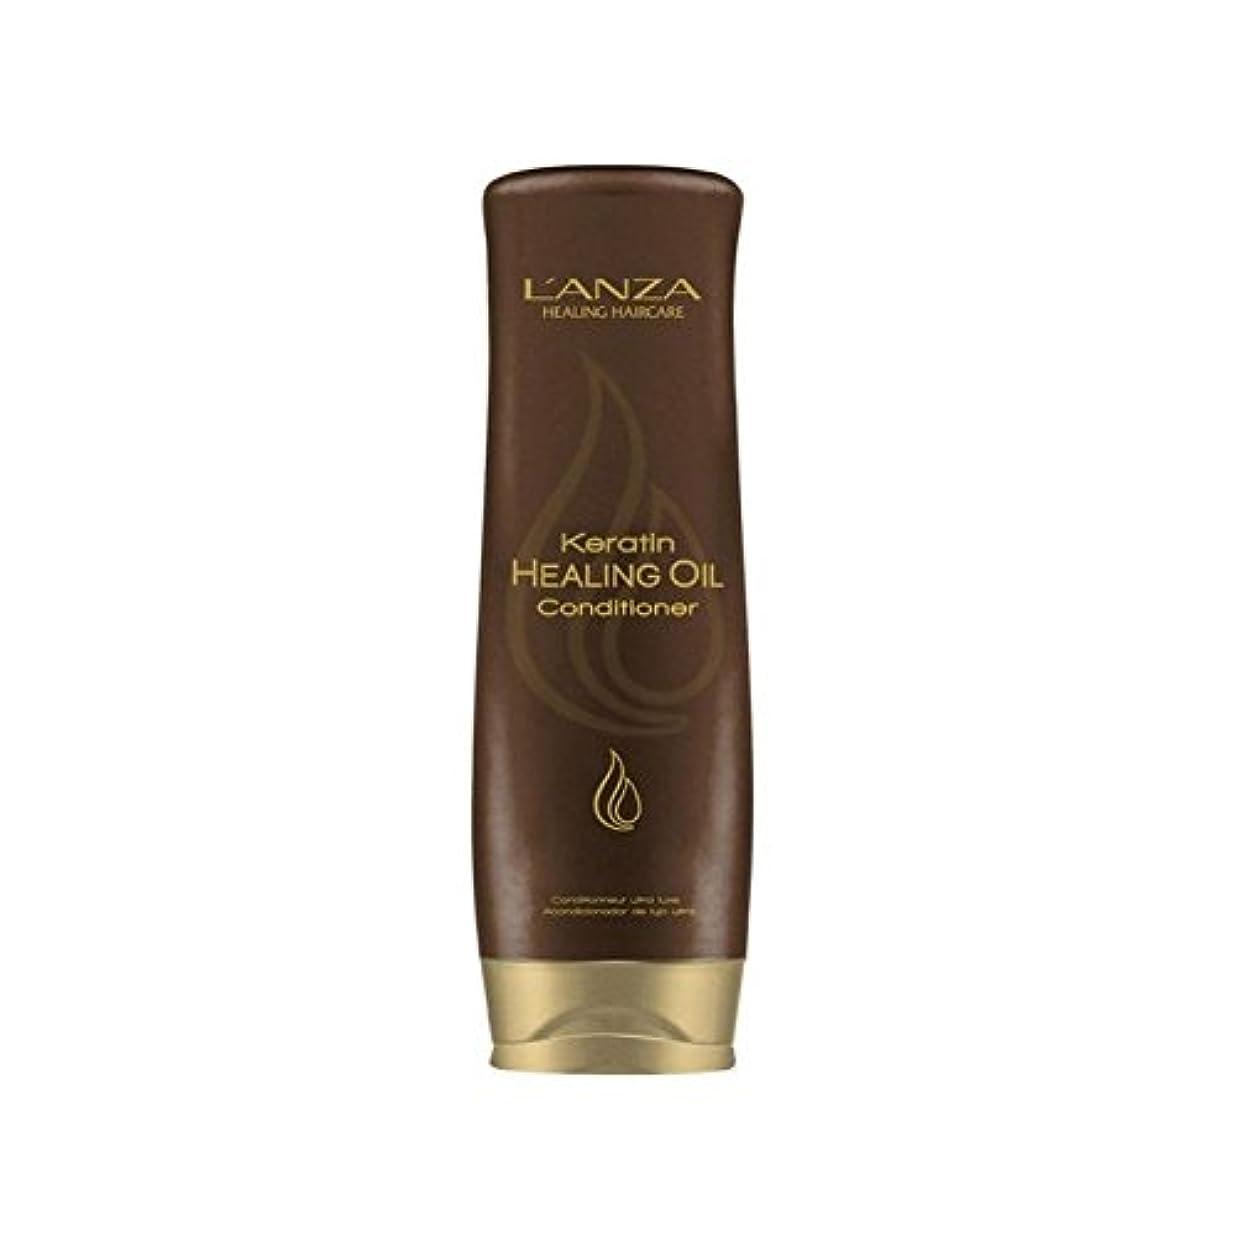 上向きステープル楽観的L'Anza Keratin Healing Oil Conditioner (250ml) (Pack of 6) - アンザケラチンオイルコンディショナー(250ミリリットル)を癒し x6 [並行輸入品]